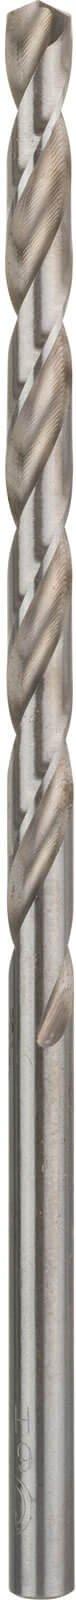 Bosch HSS G Extra Length Drill Bit 6mm Pack of 1